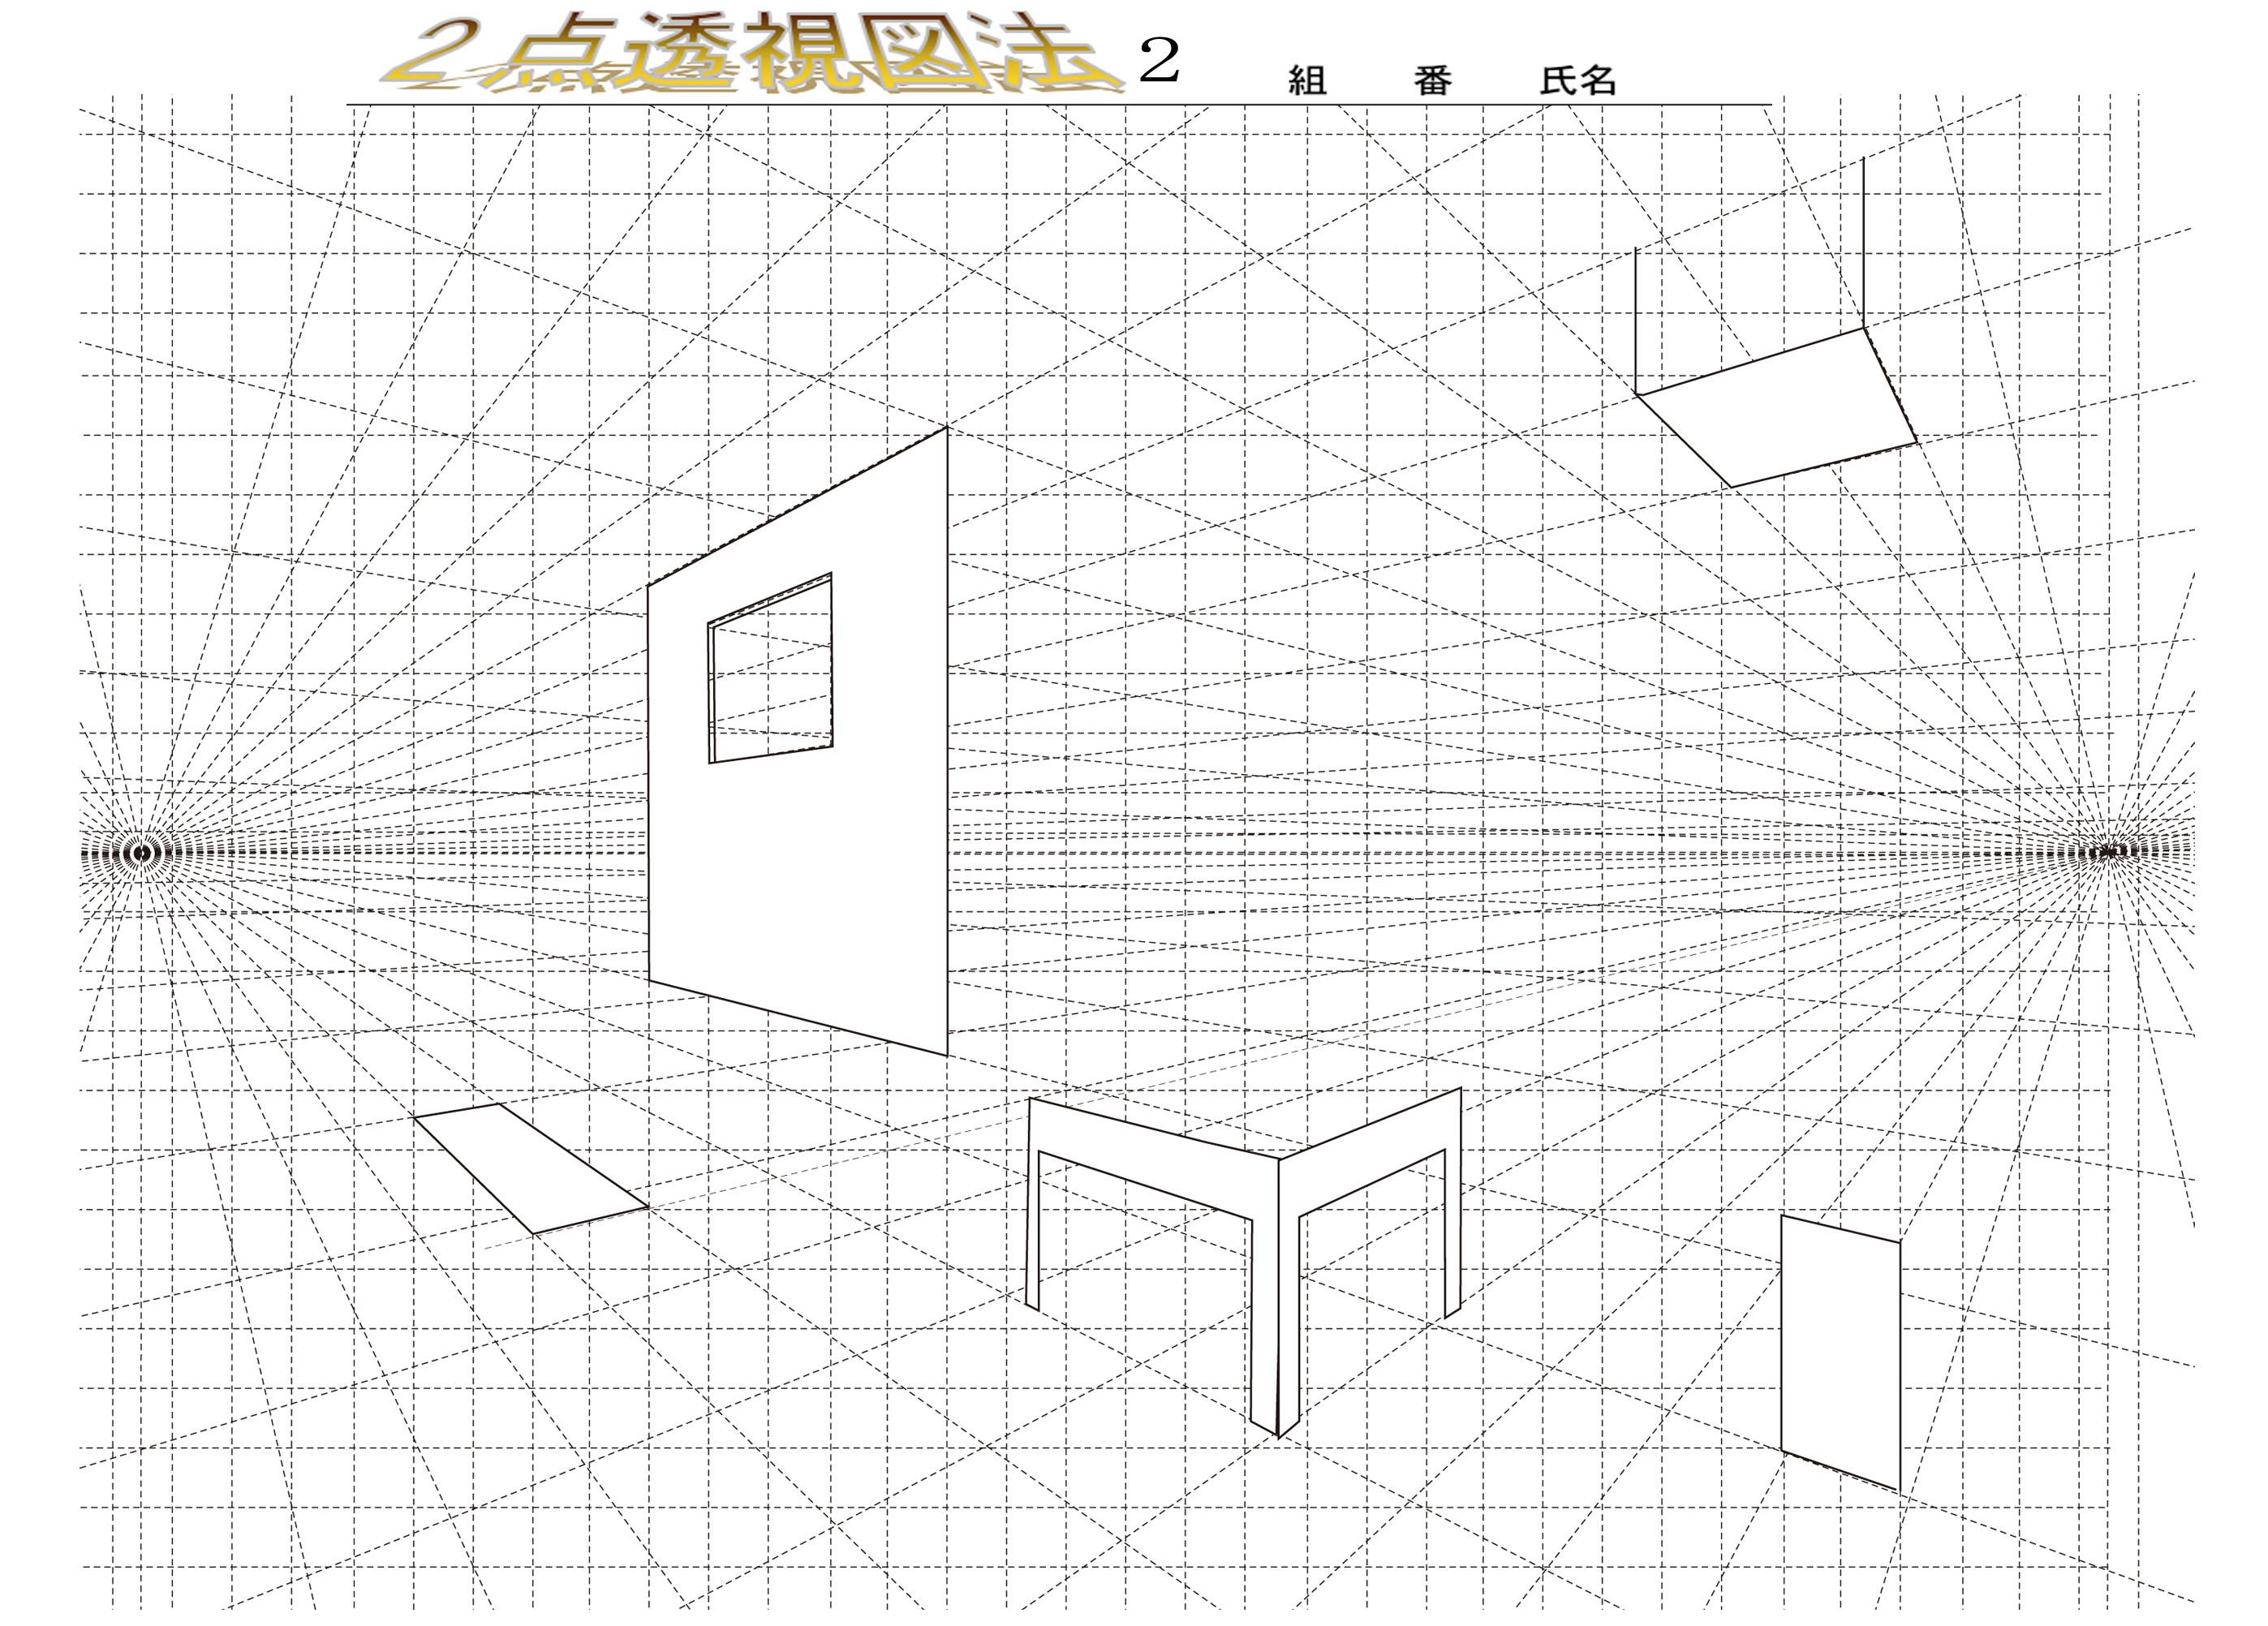 透視図法について | KITAJIMAのお絵かき研究所